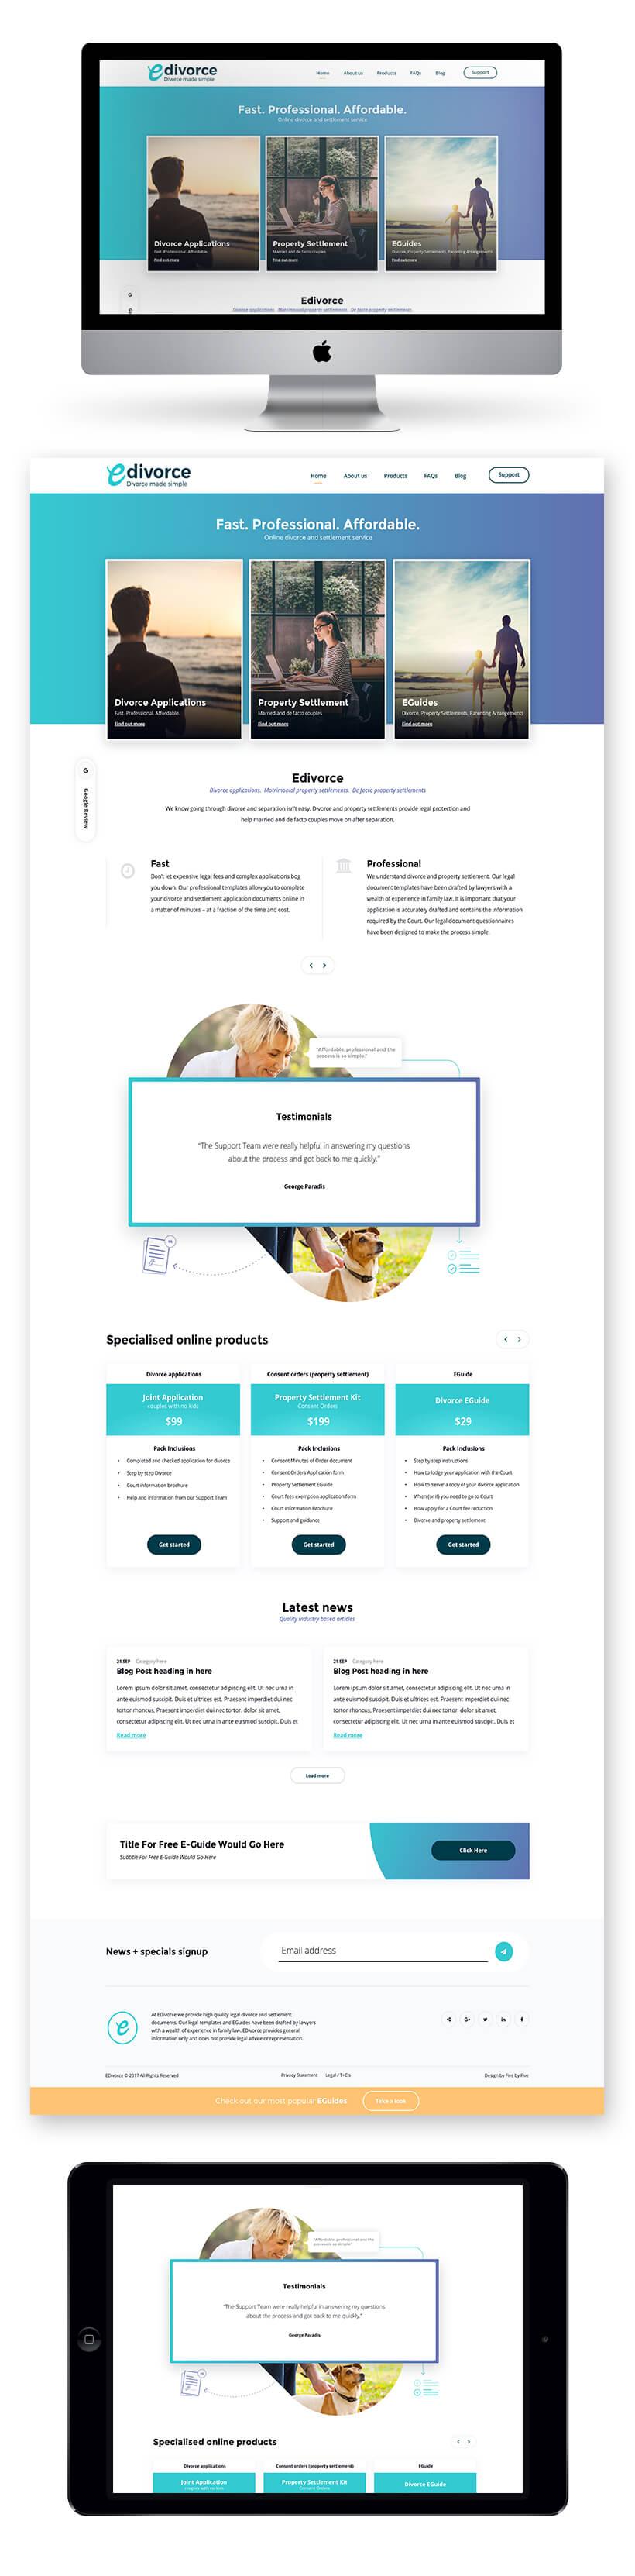 eDivorce Site